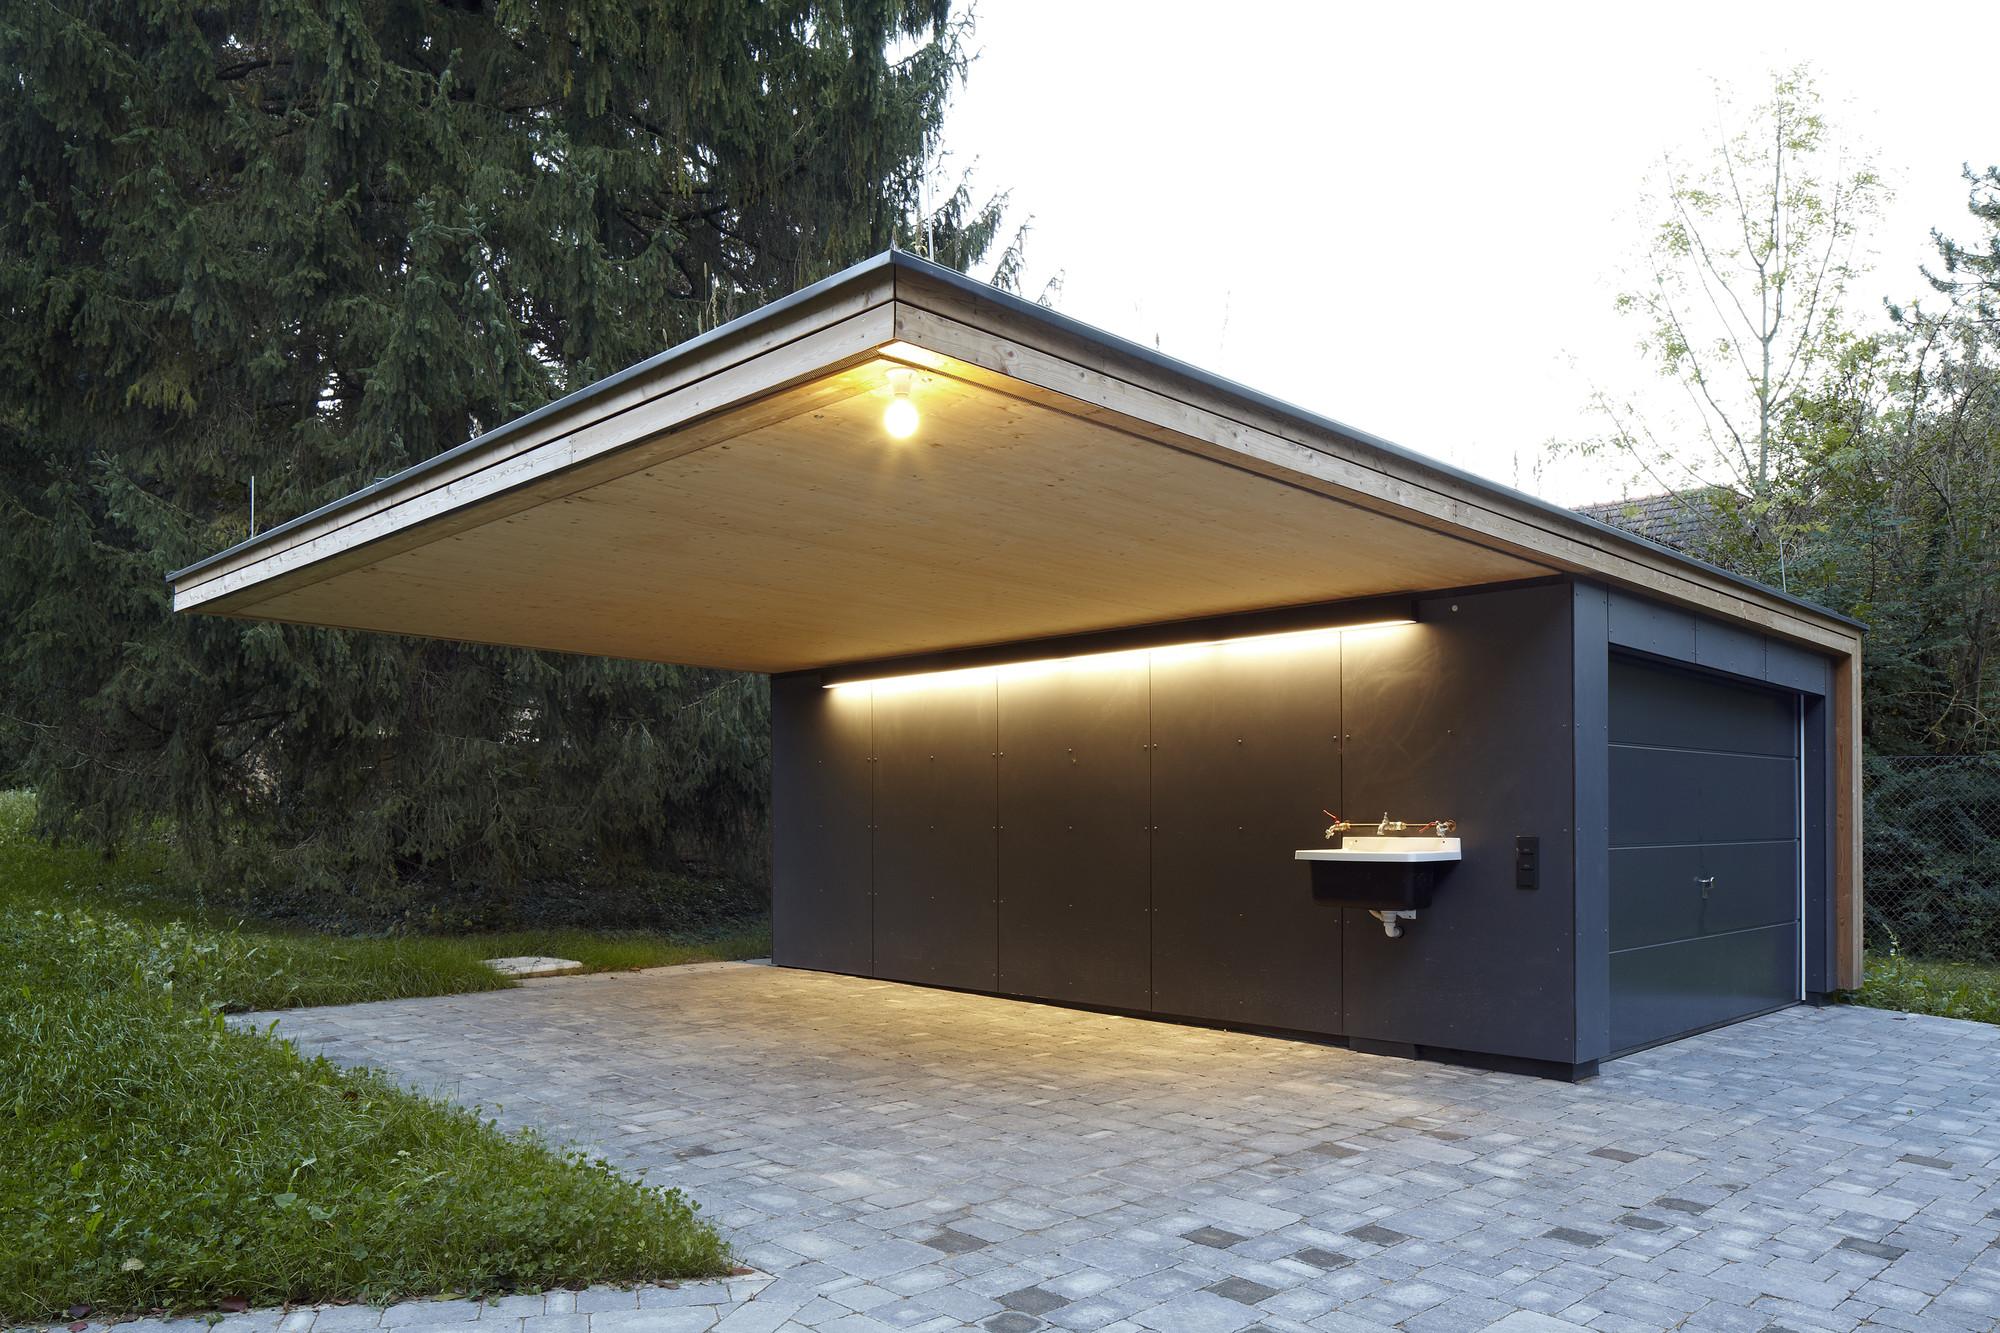 Galeria De Casa Hainbach Moosmann 10